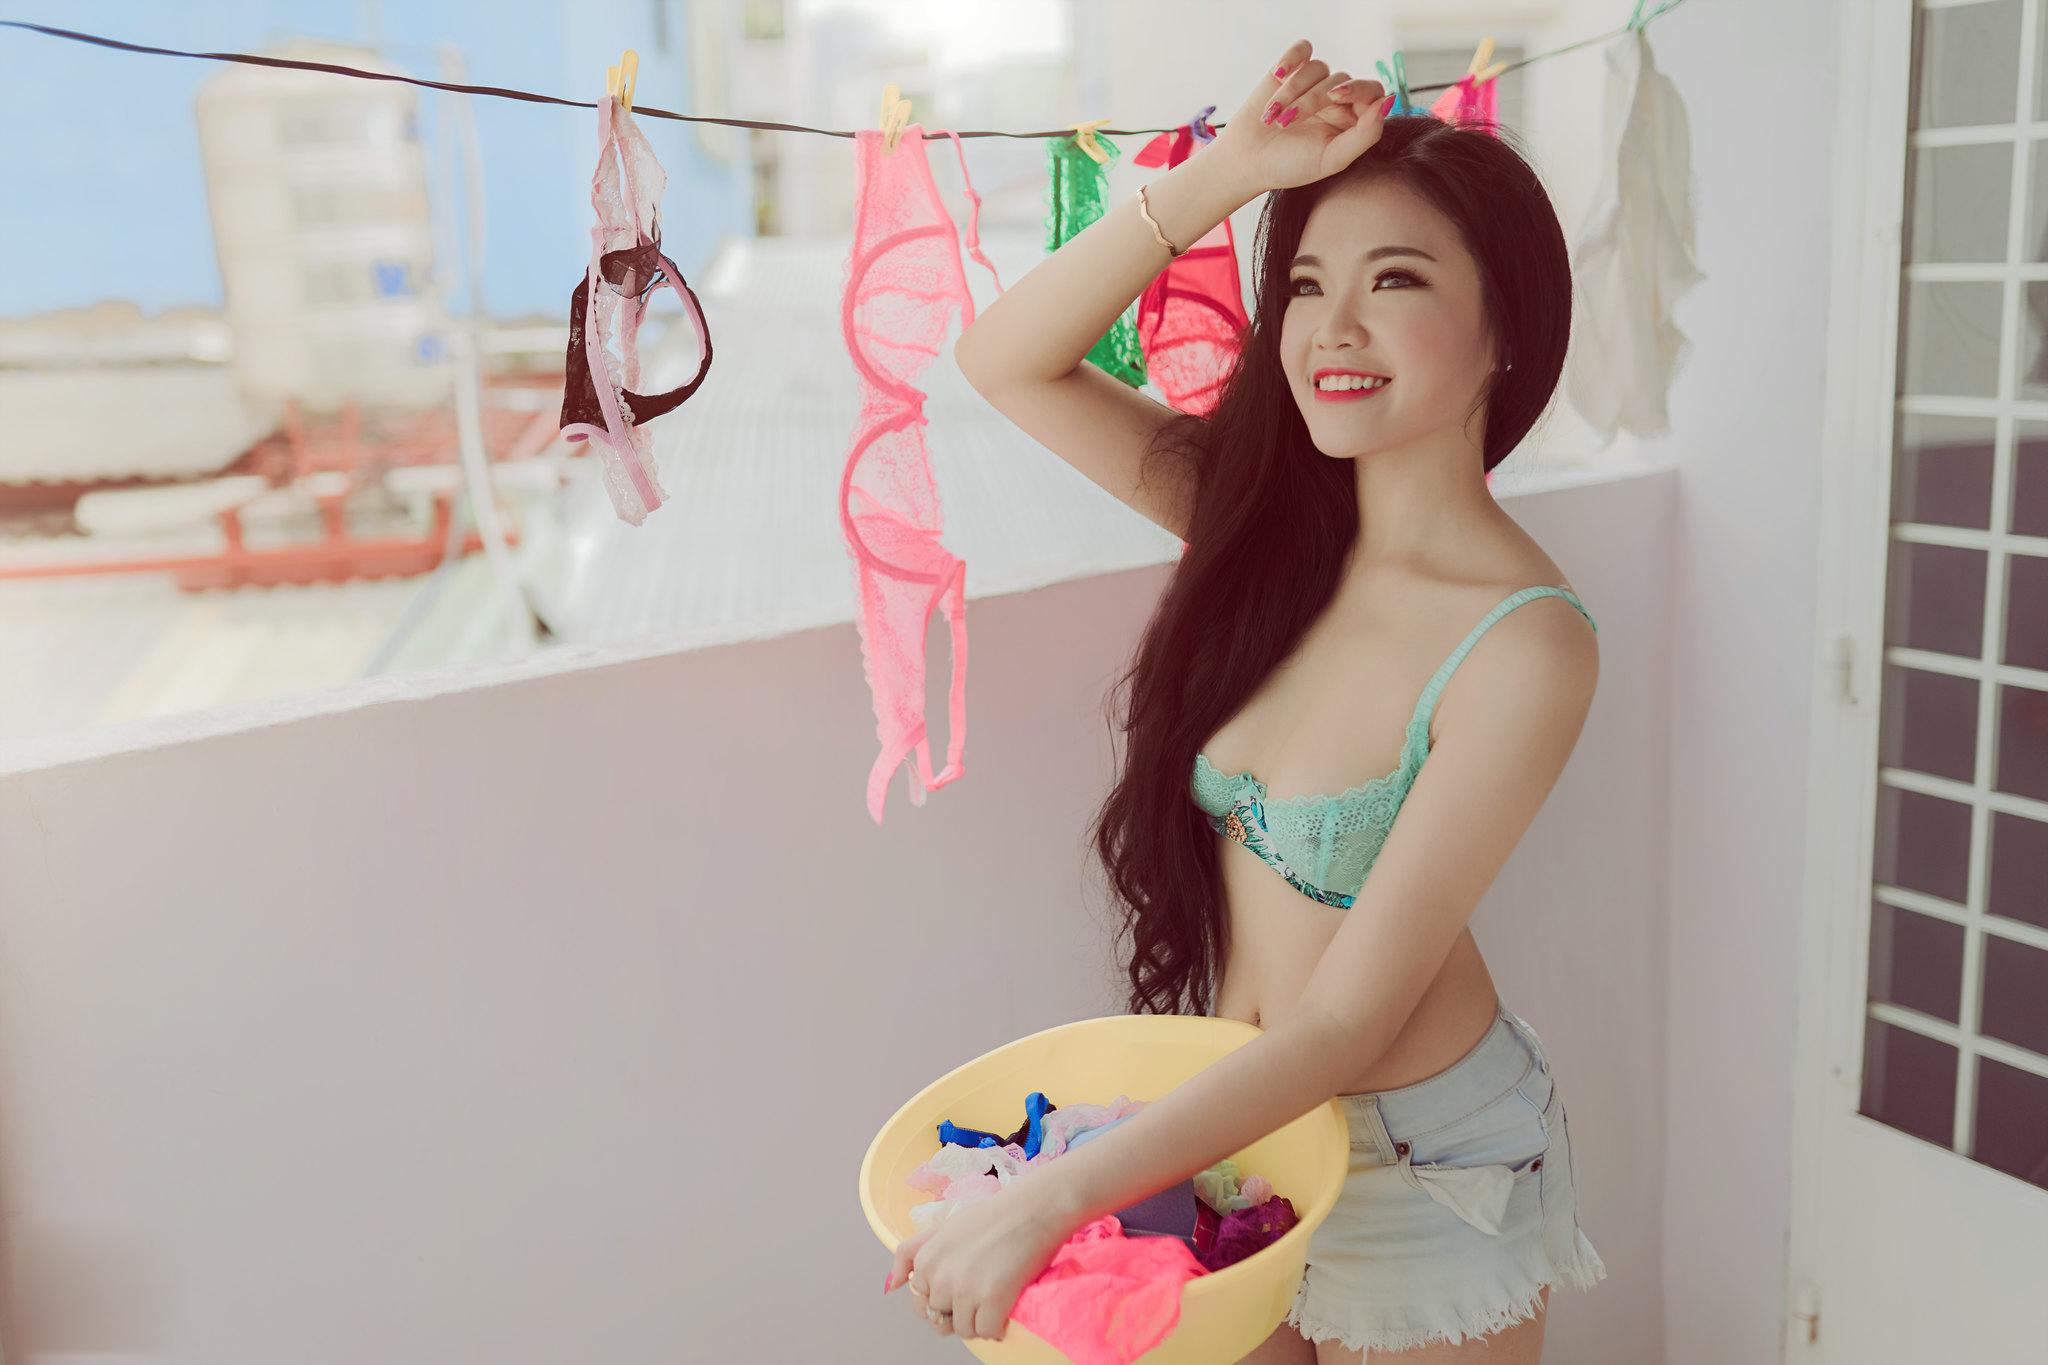 Ngắm hình ảnh gái xinh mặc bikini màu hồng đẹp gợi cảm